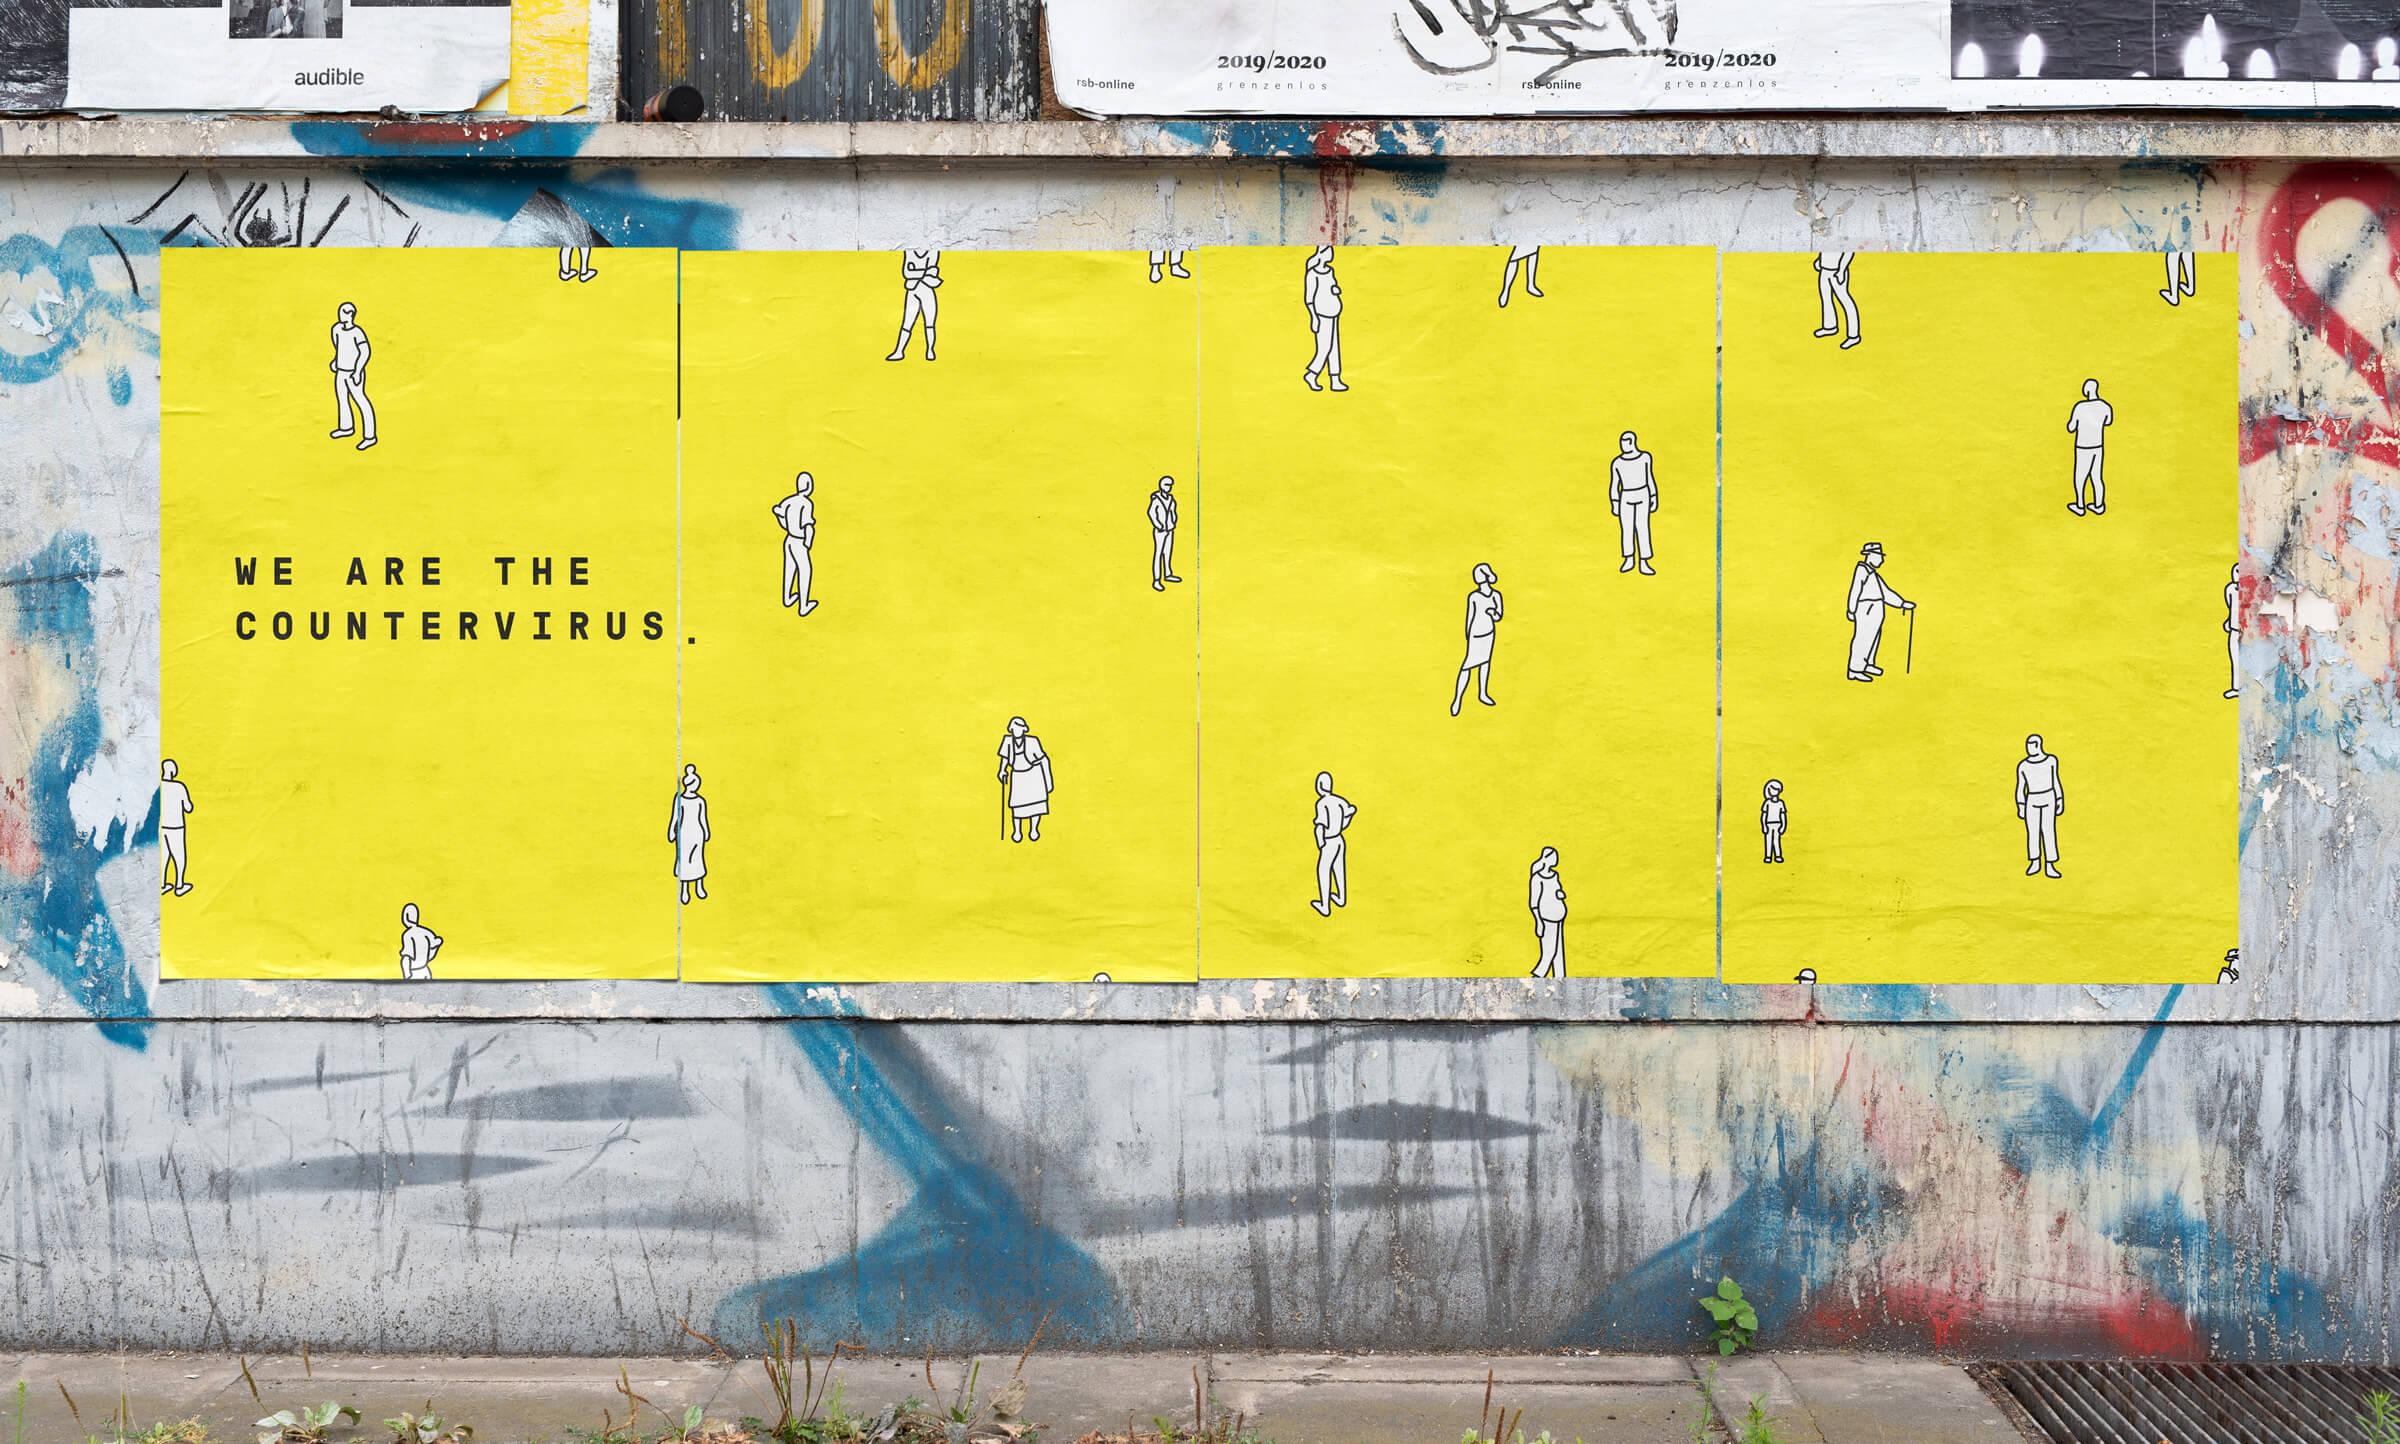 18_RK_Countervirus_Urban-Poster-108-v2